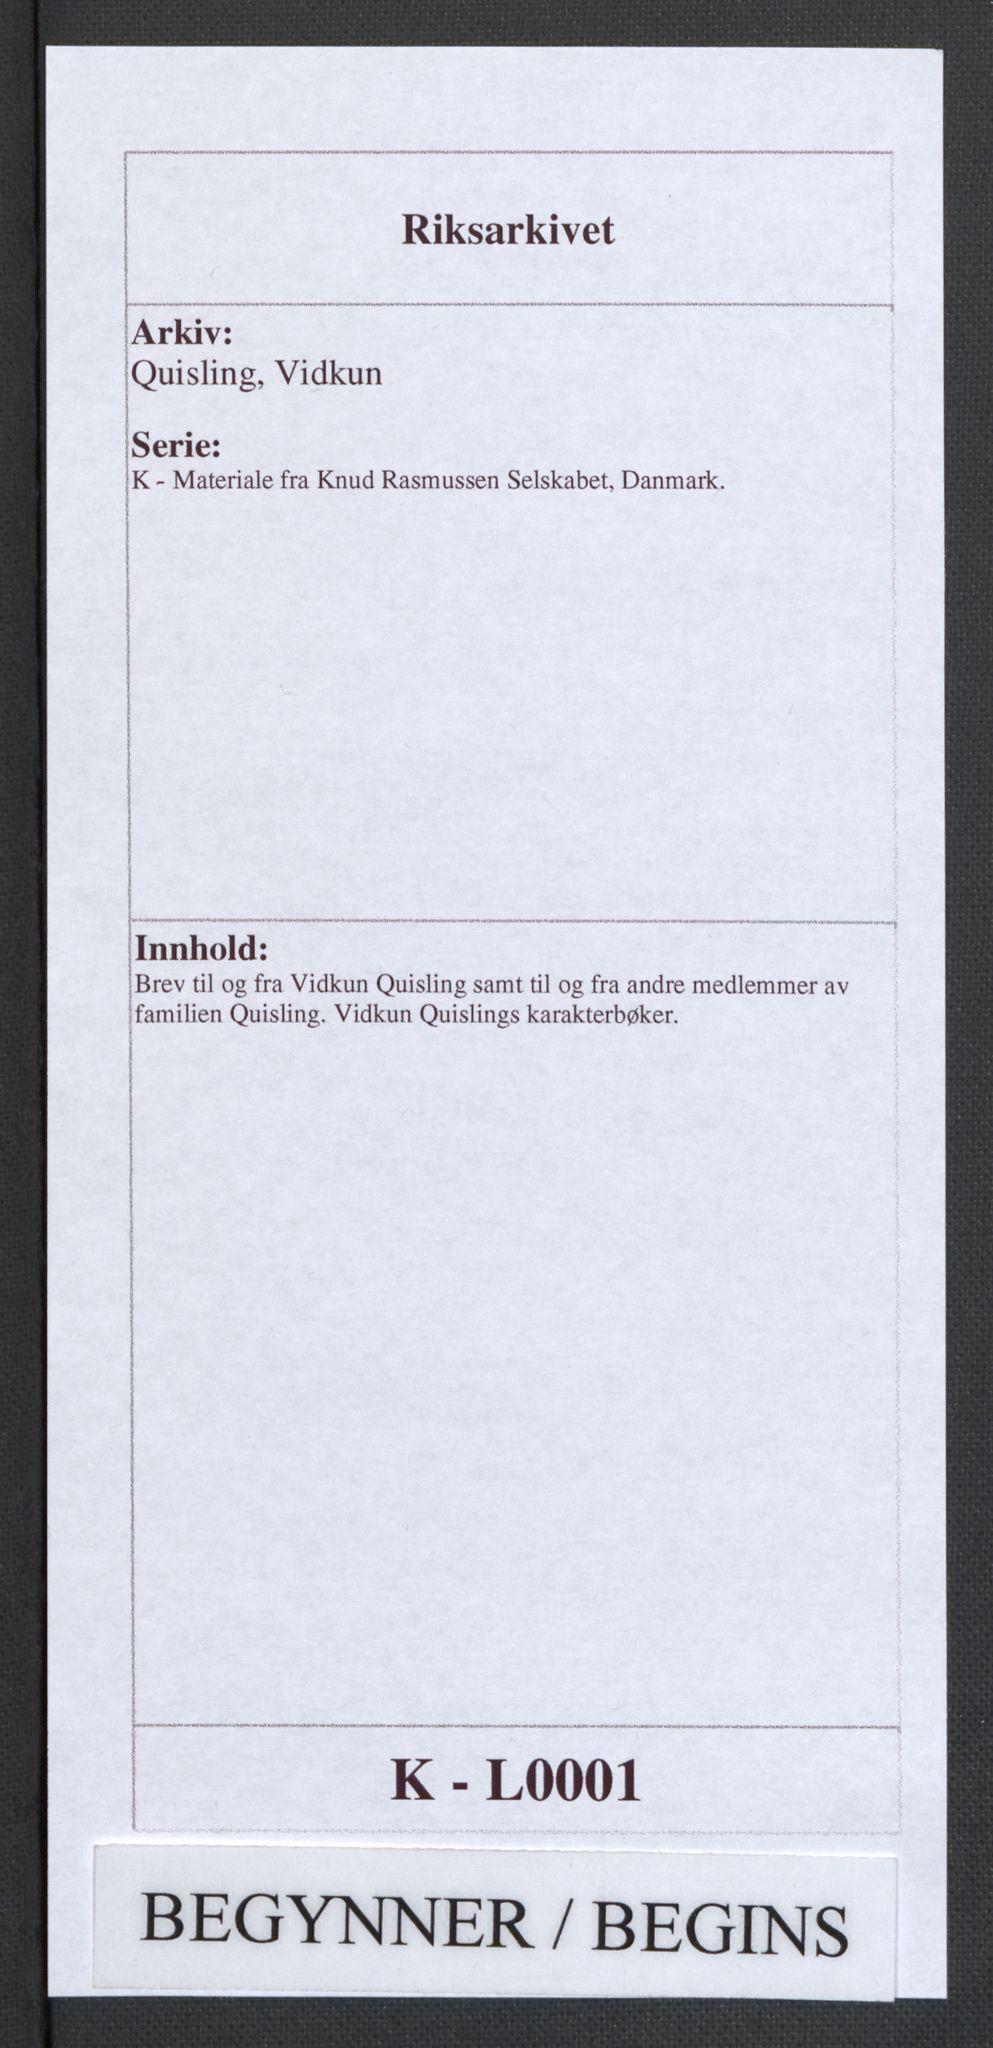 RA, Quisling, Vidkun, K/L0001: Brev til og fra Vidkun Quisling samt til og fra andre medlemmer av familien Quisling + karakterbøker, 1894-1929, s. 1